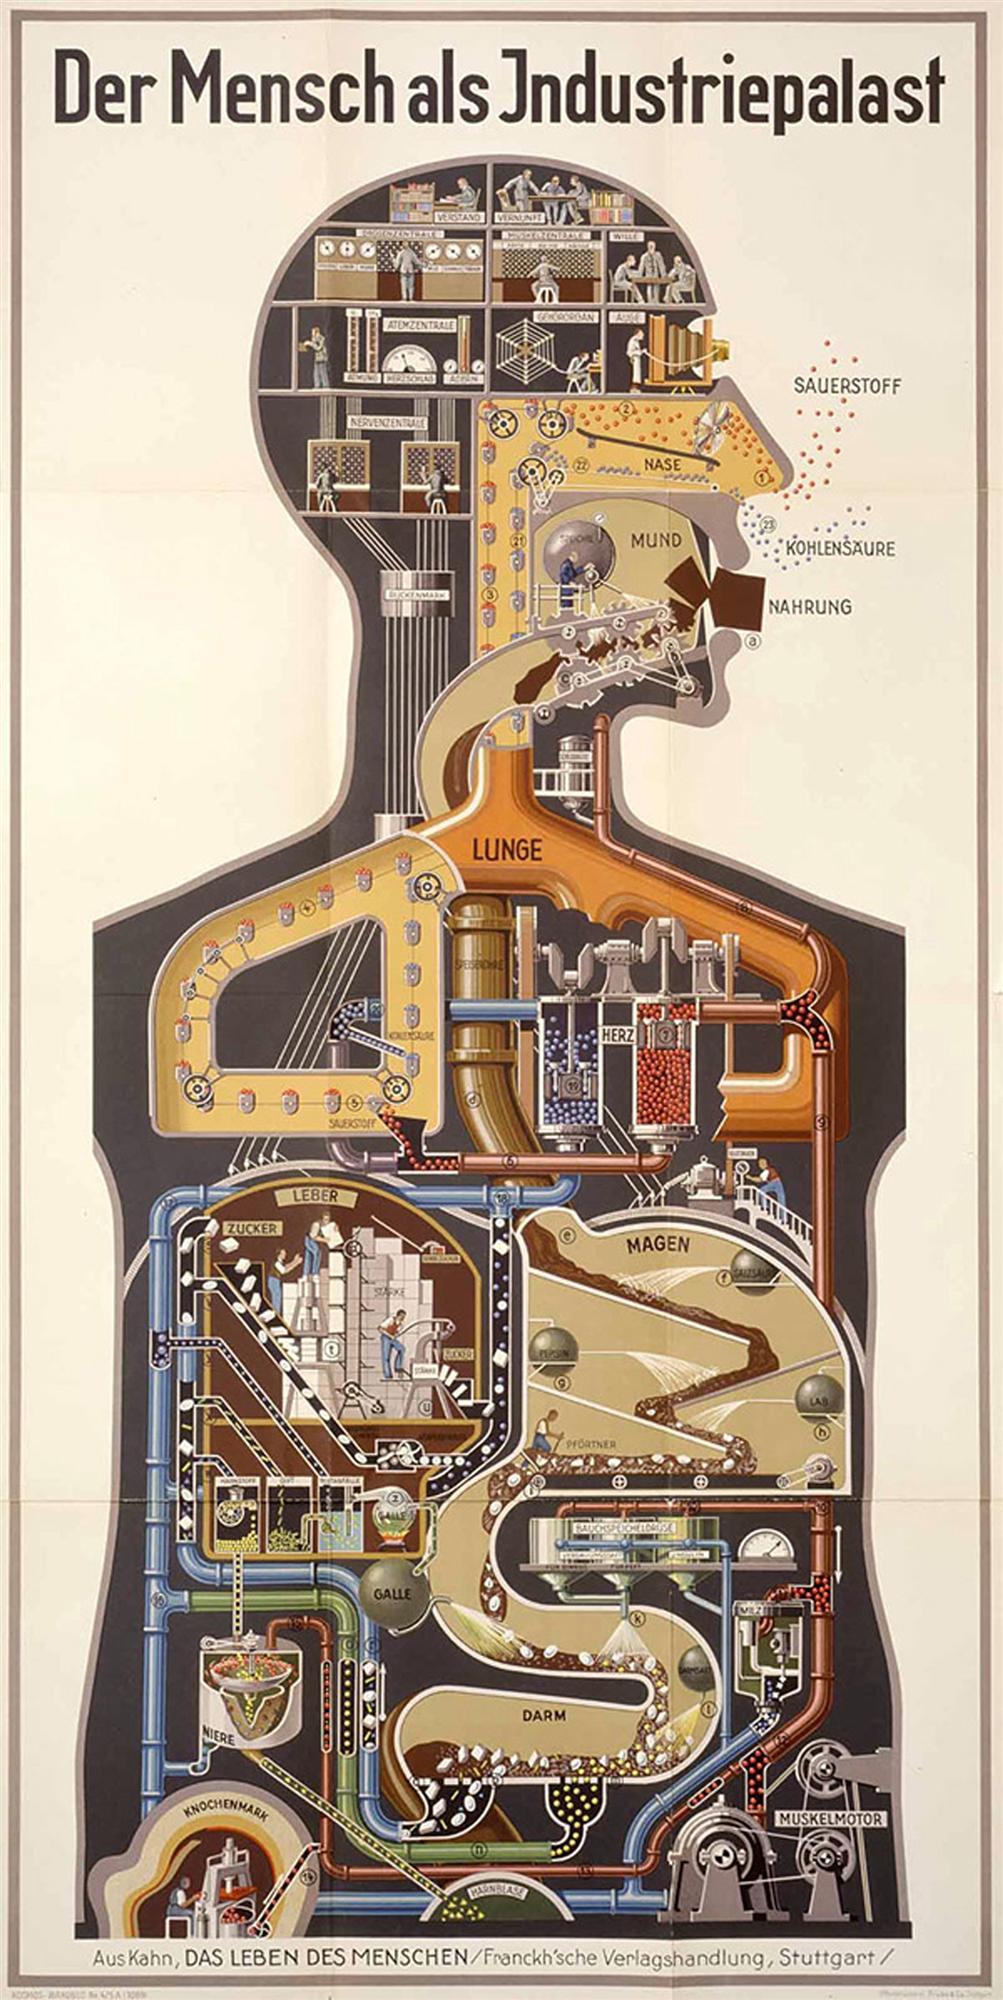 信息图形化设计海报